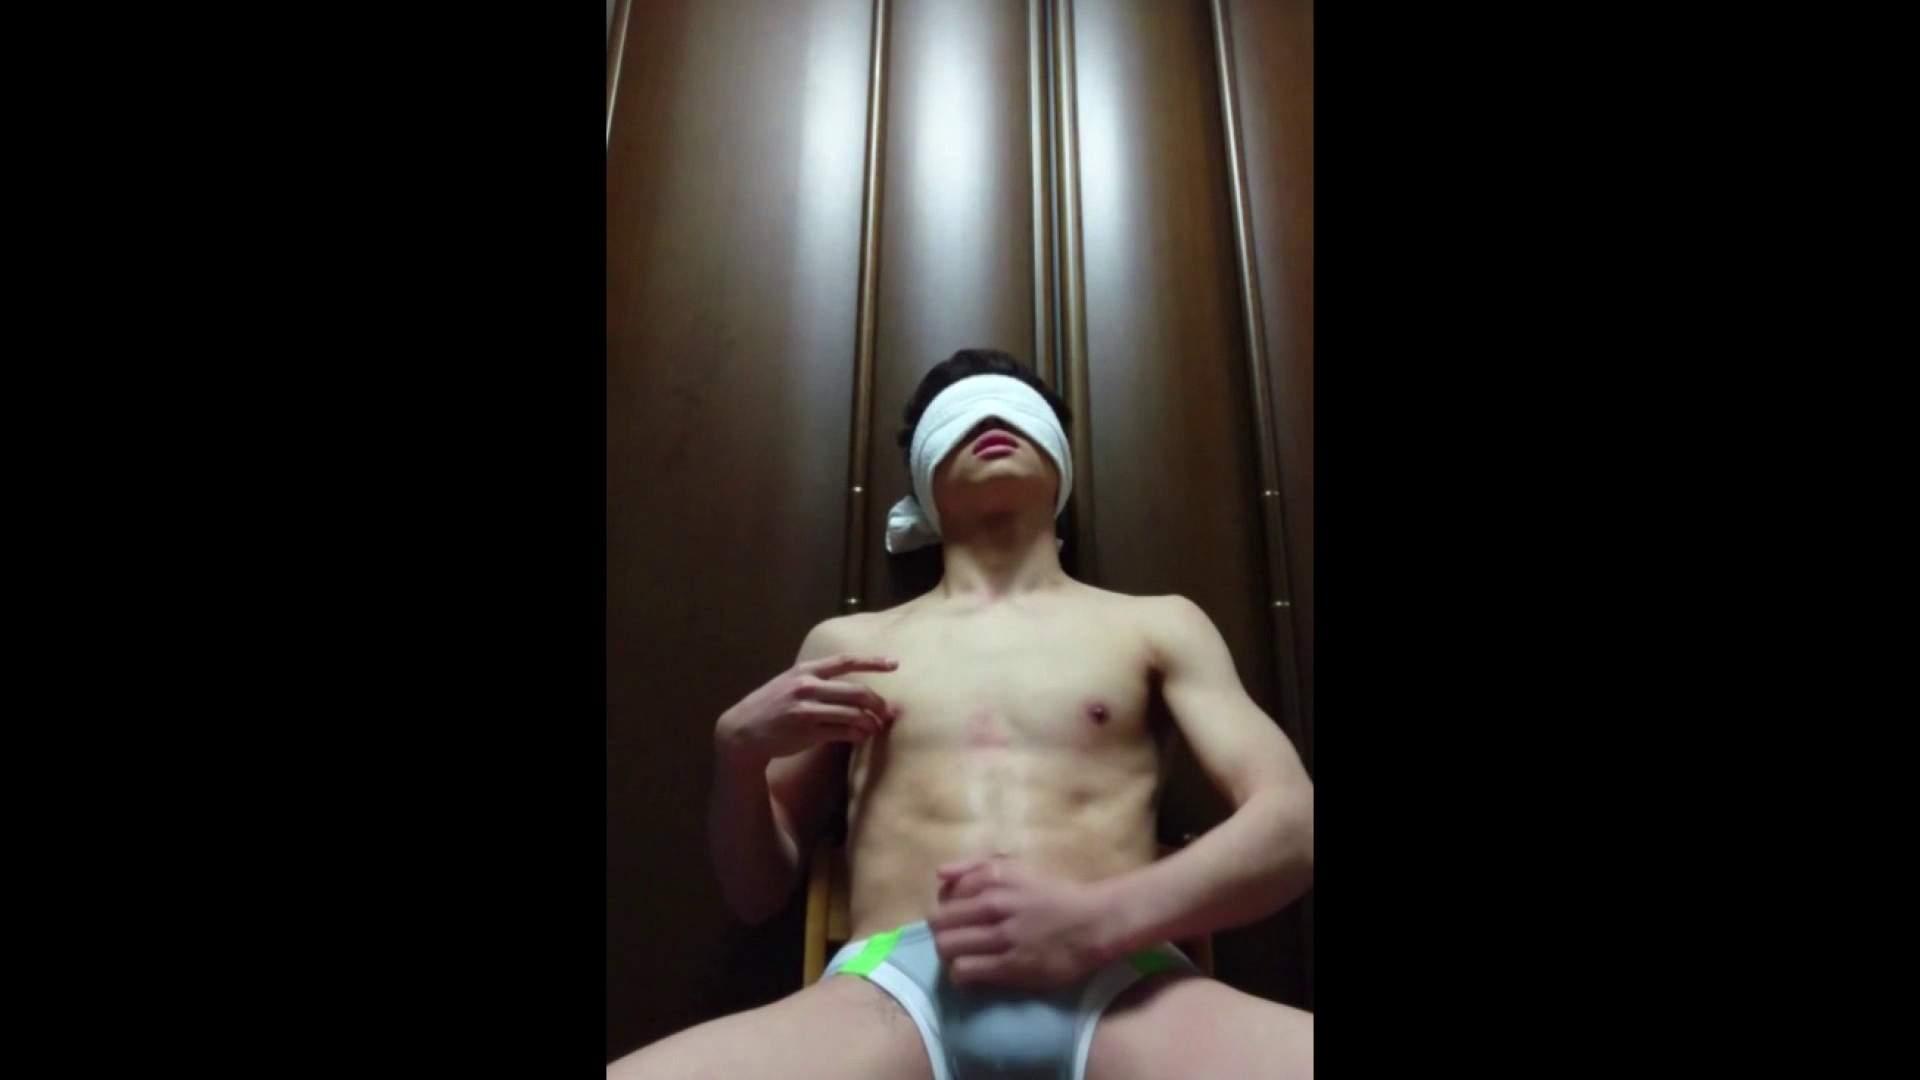 個人撮影 自慰の極意 Vol.21 オナニー  59pic 50